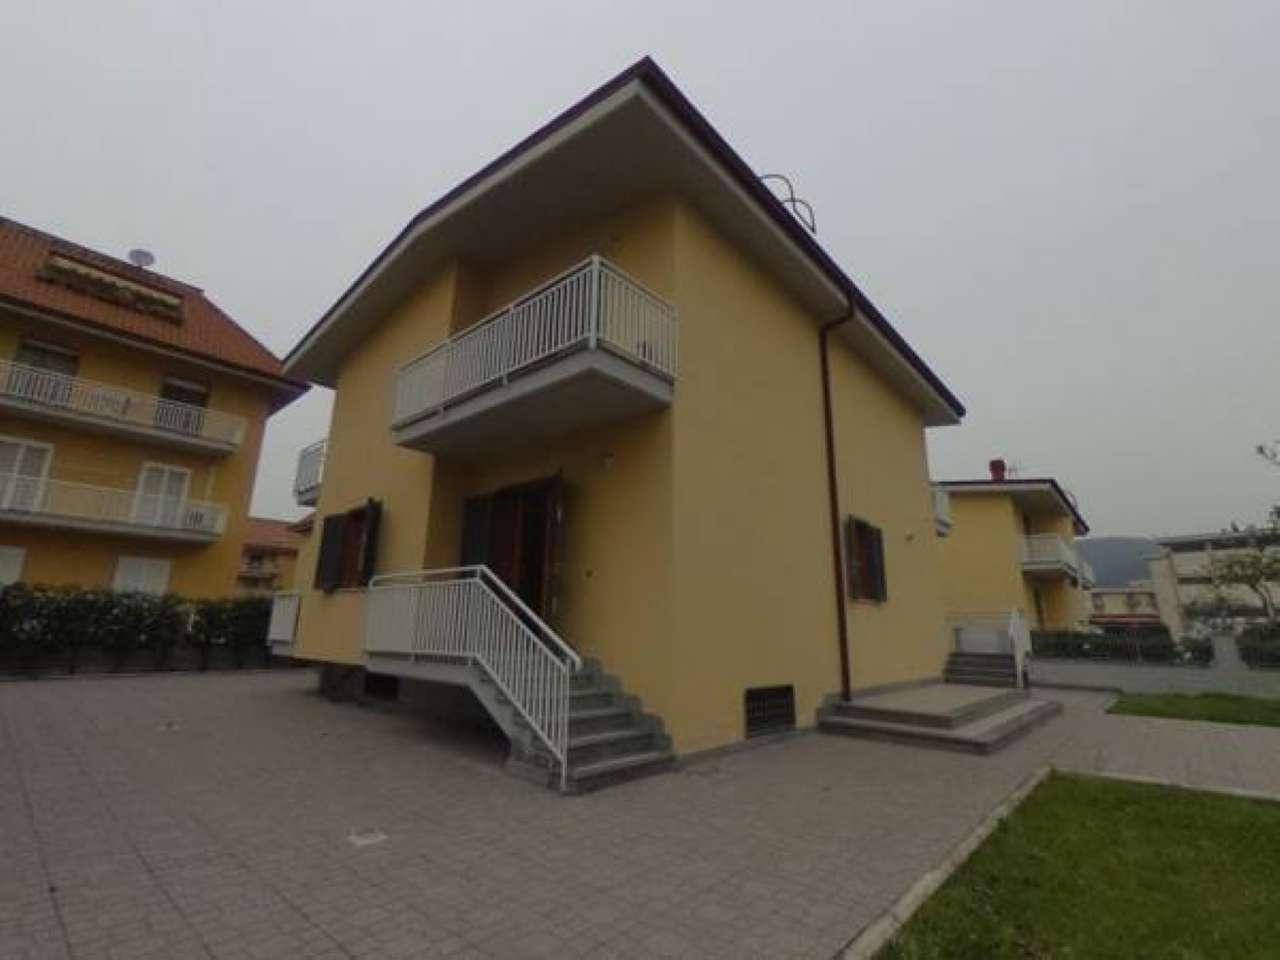 Villa in vendita a Nola, 10 locali, prezzo € 650.000 | CambioCasa.it